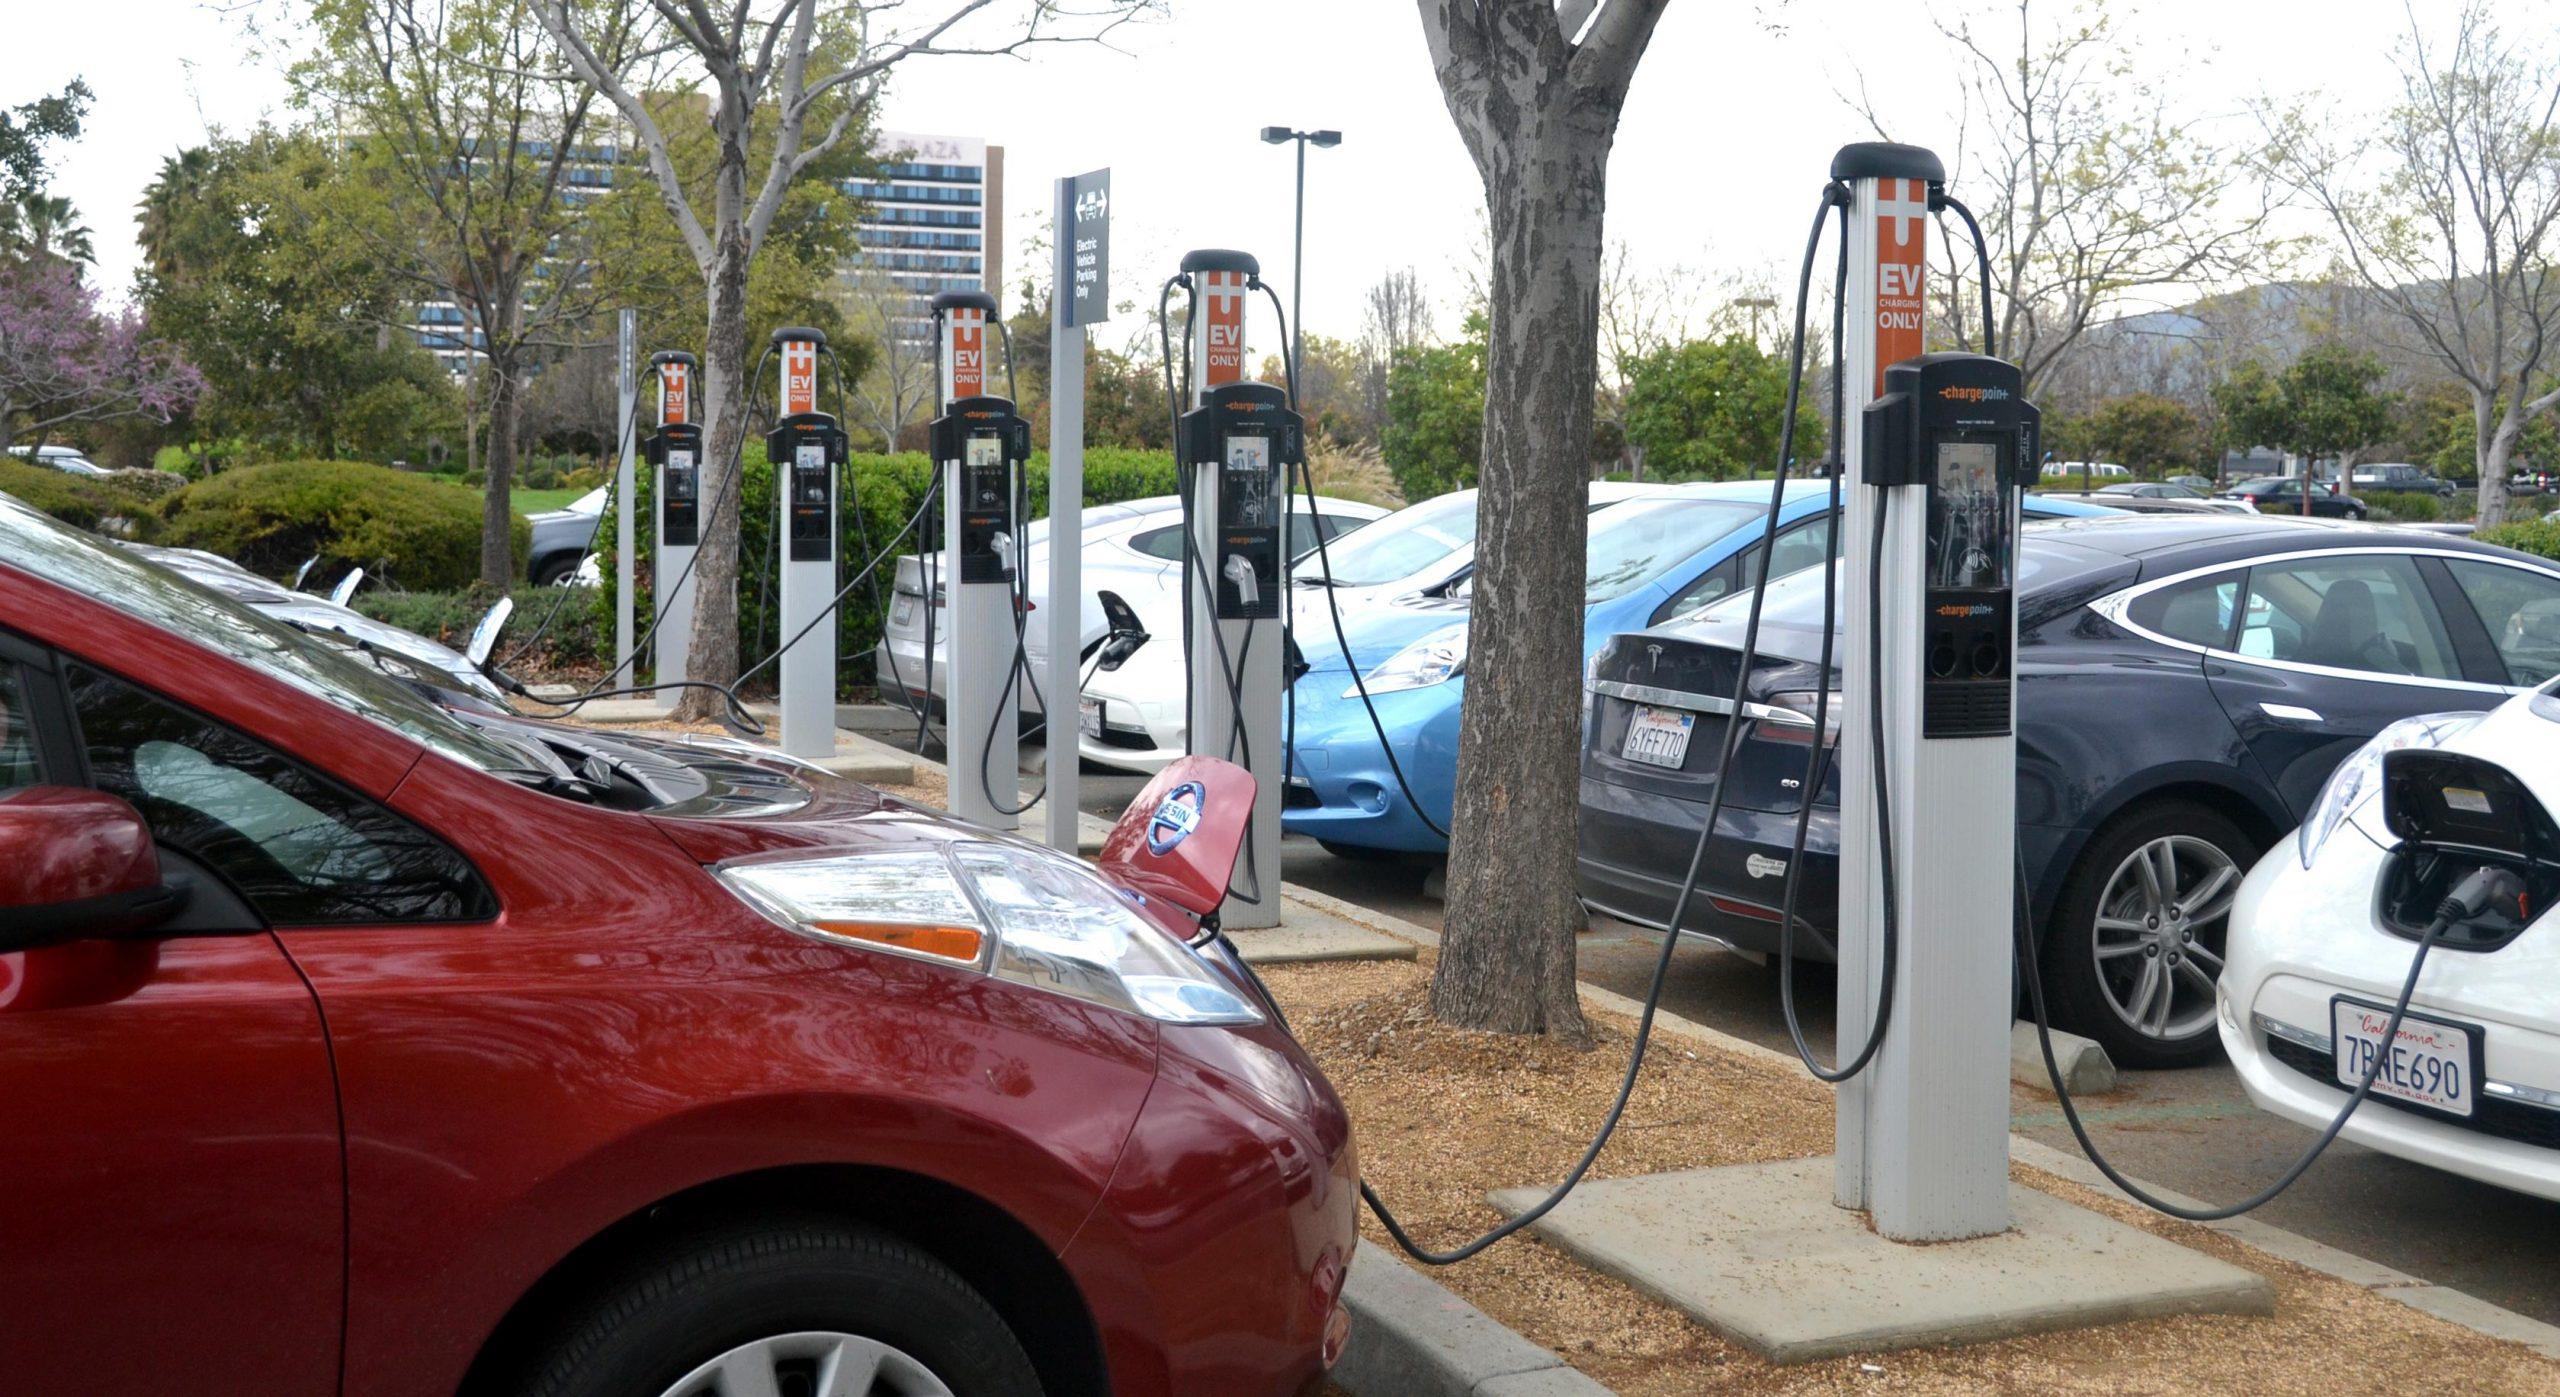 توسعه تولید خودروهای برقی با همکاری ایرانخودرو و جهاددانشگاهی